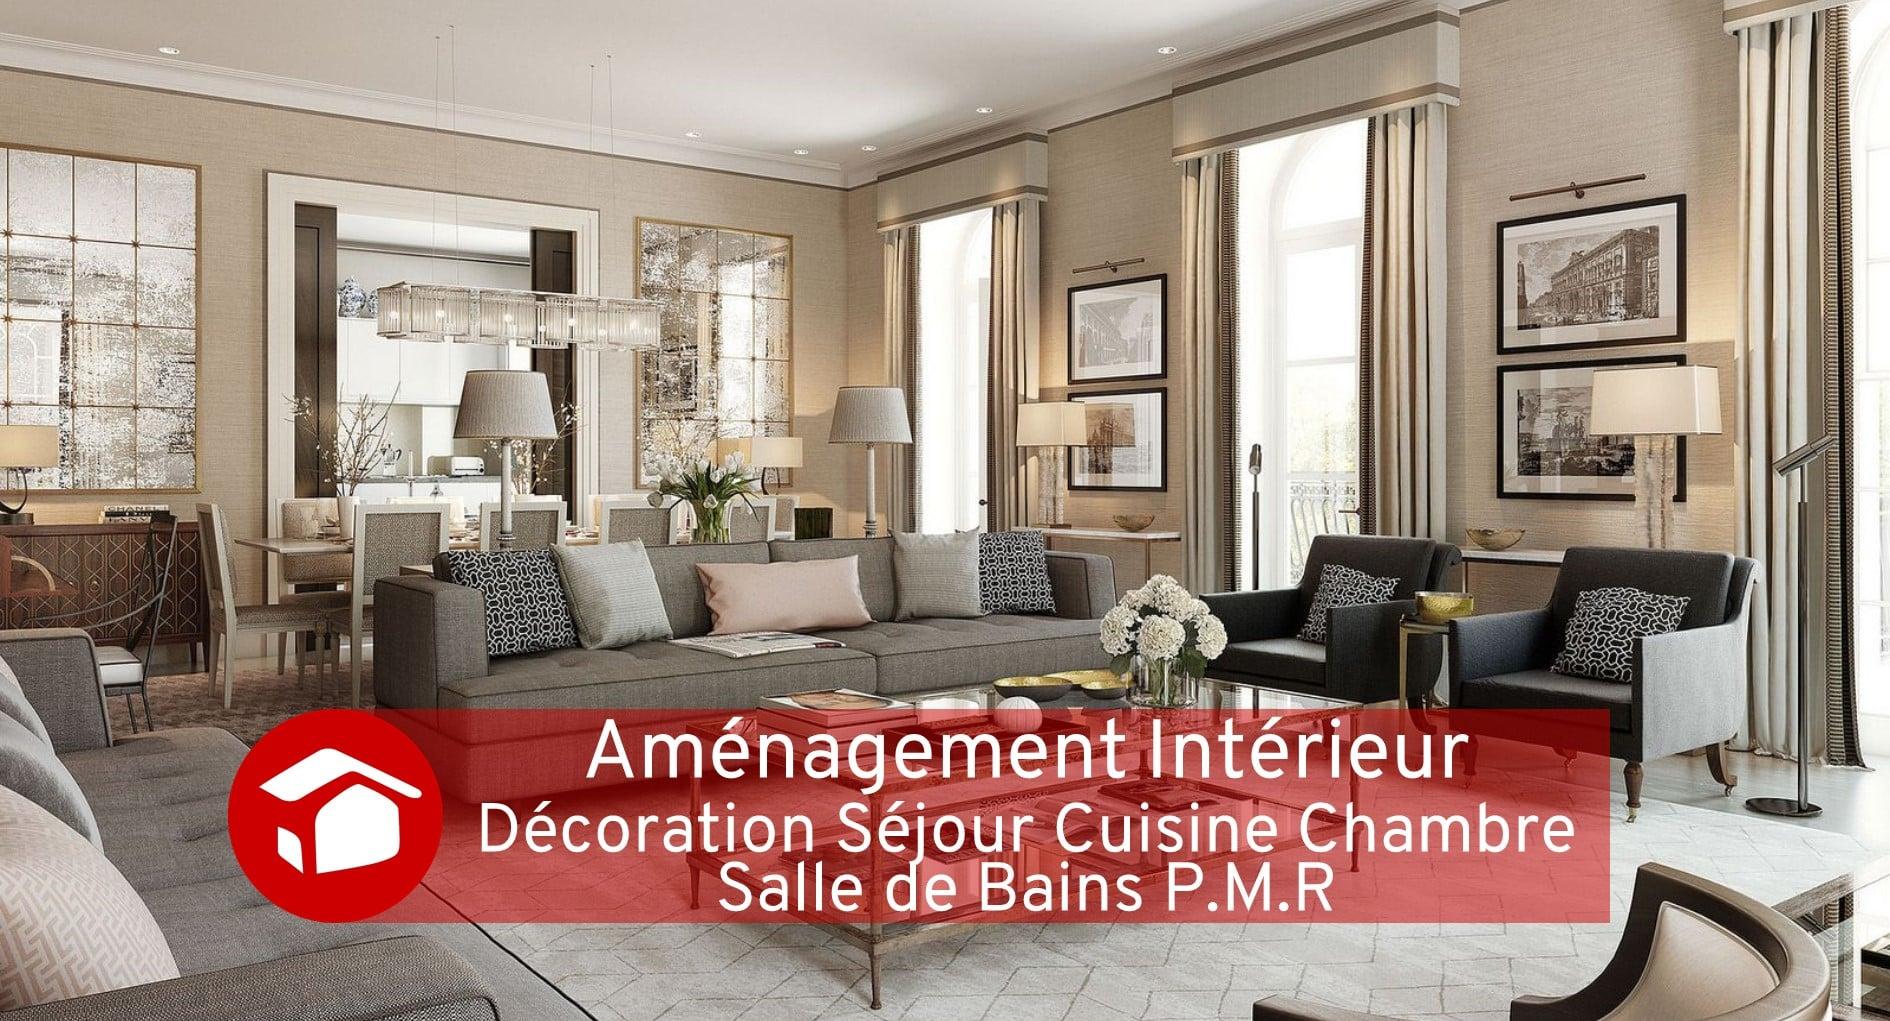 Aménagement Intérieur Salle Bain des travaux d'aménagement intérieur ? • travaux meilleur projet